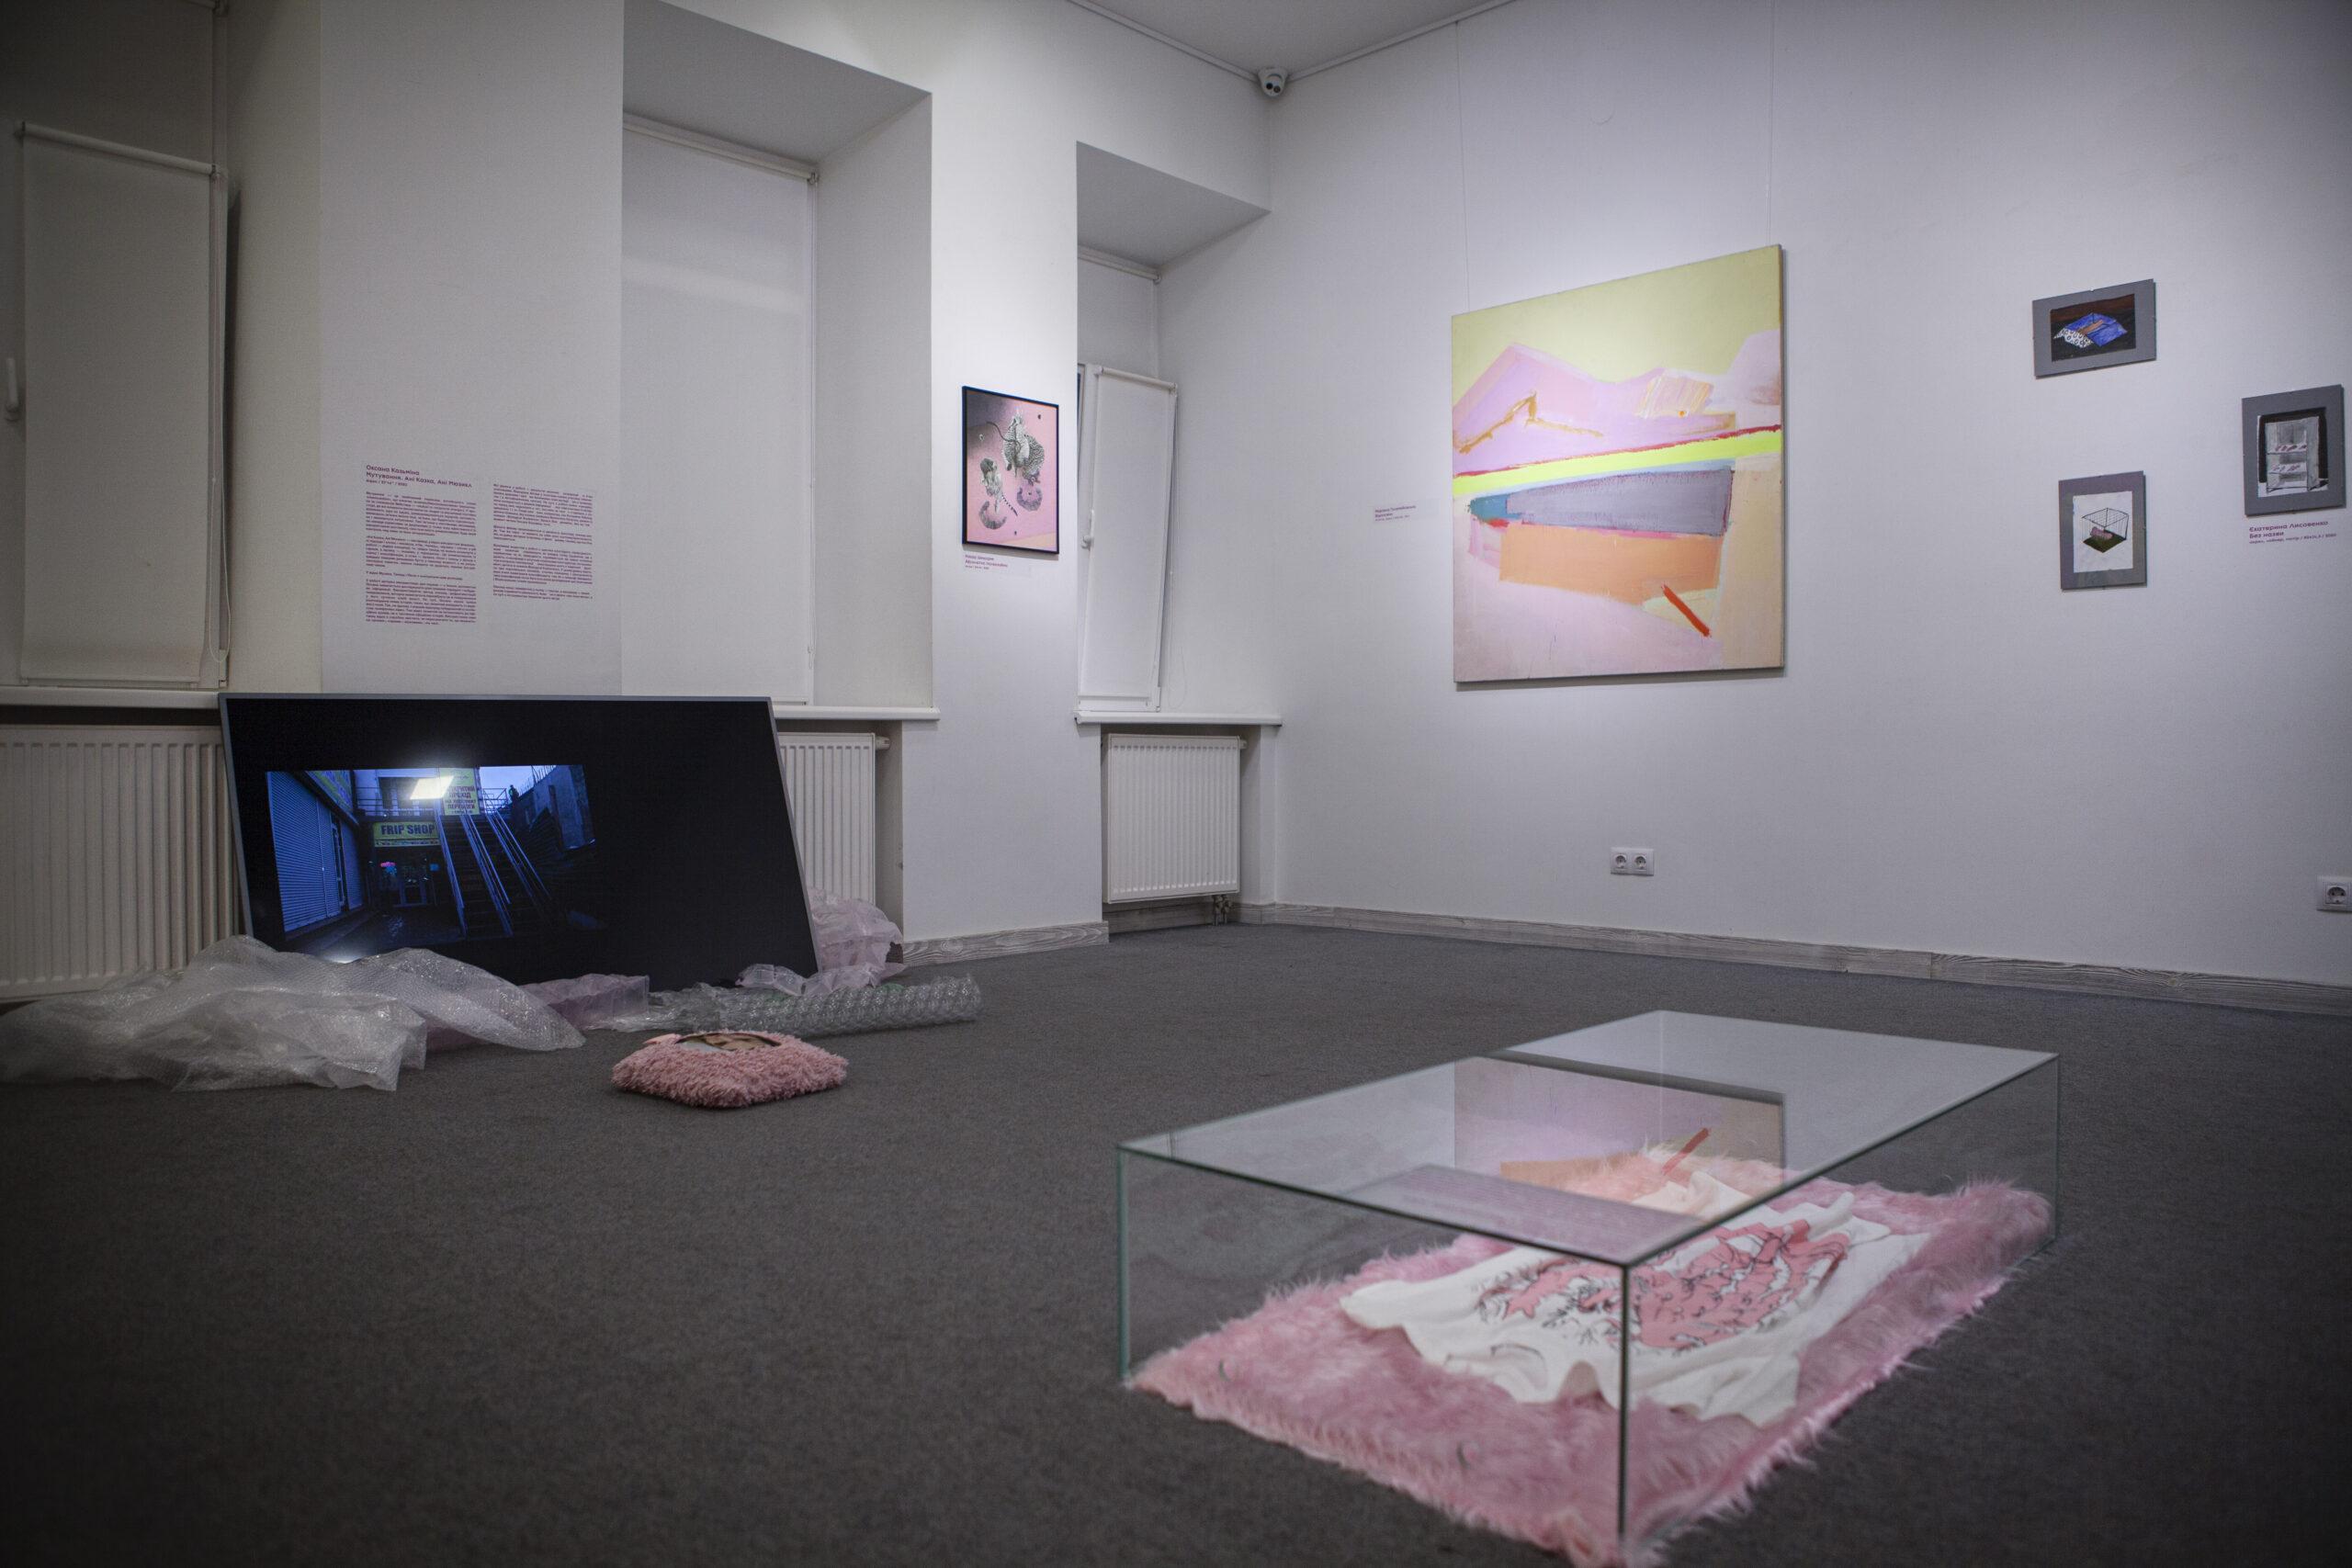 «Рожева виставка», вигляд експозиції в галереї «Білий світ», 2021